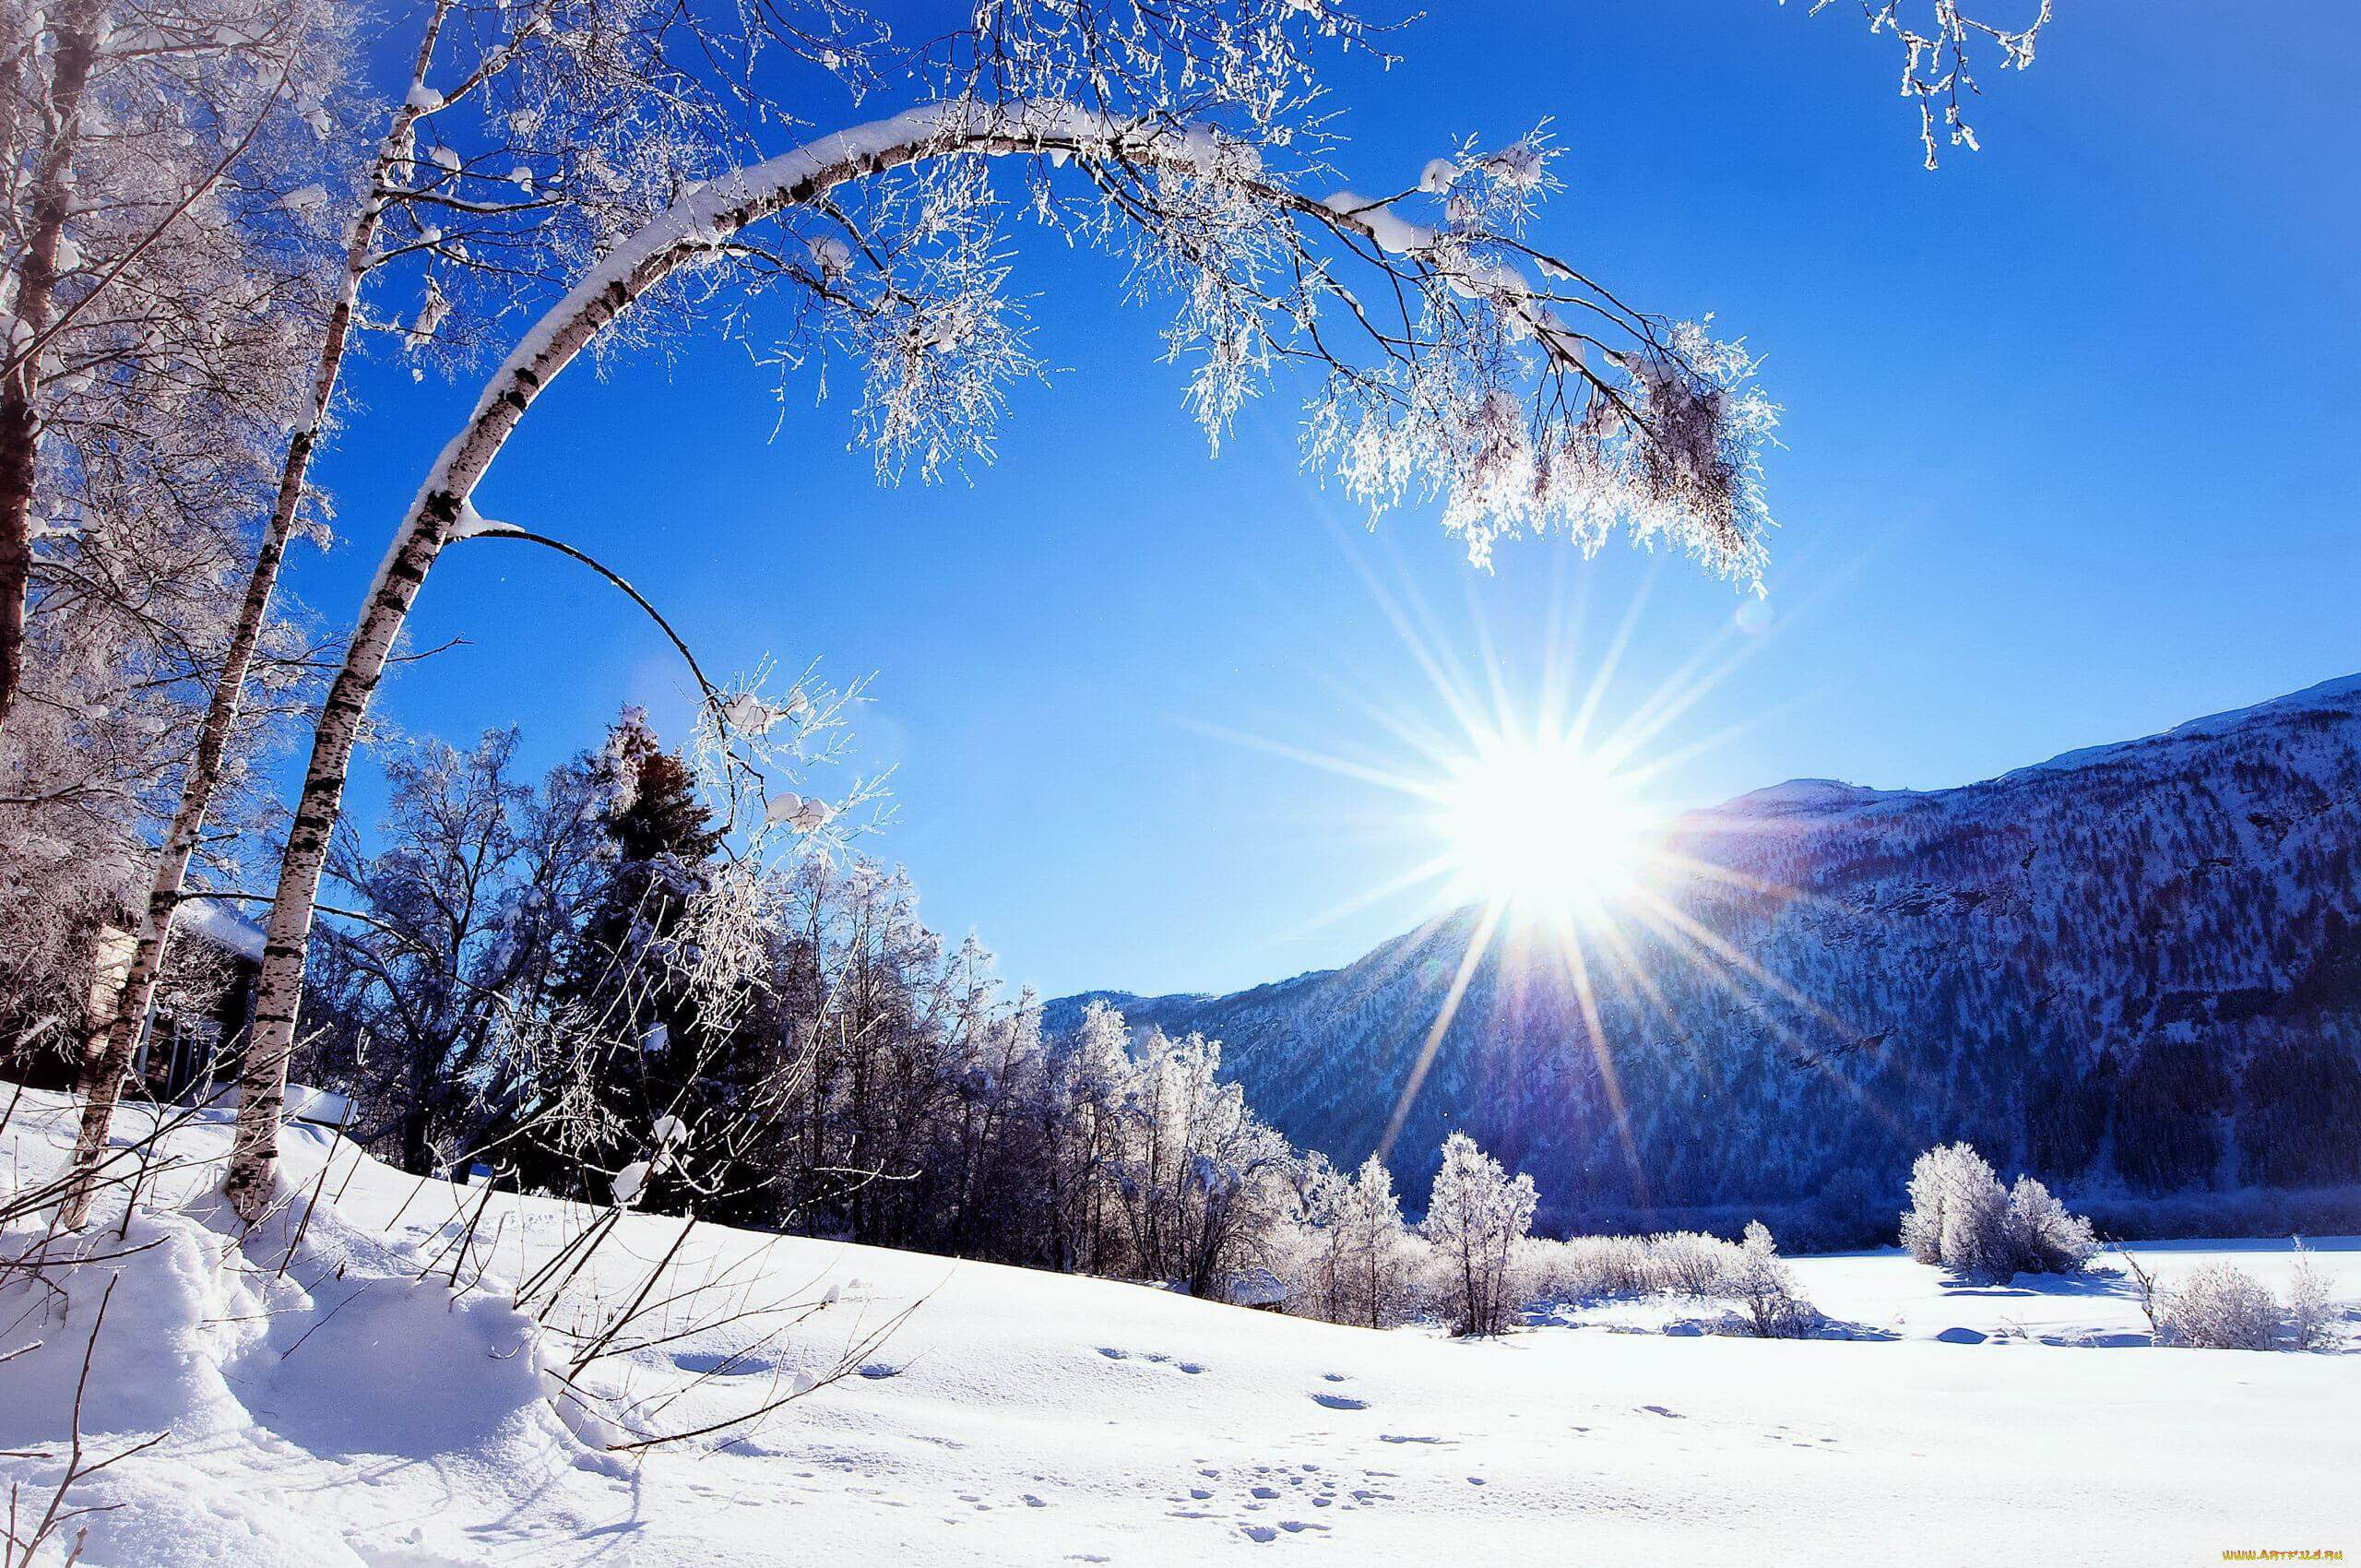 Зимнее настроение - фото и картинки красивые, приятные 13